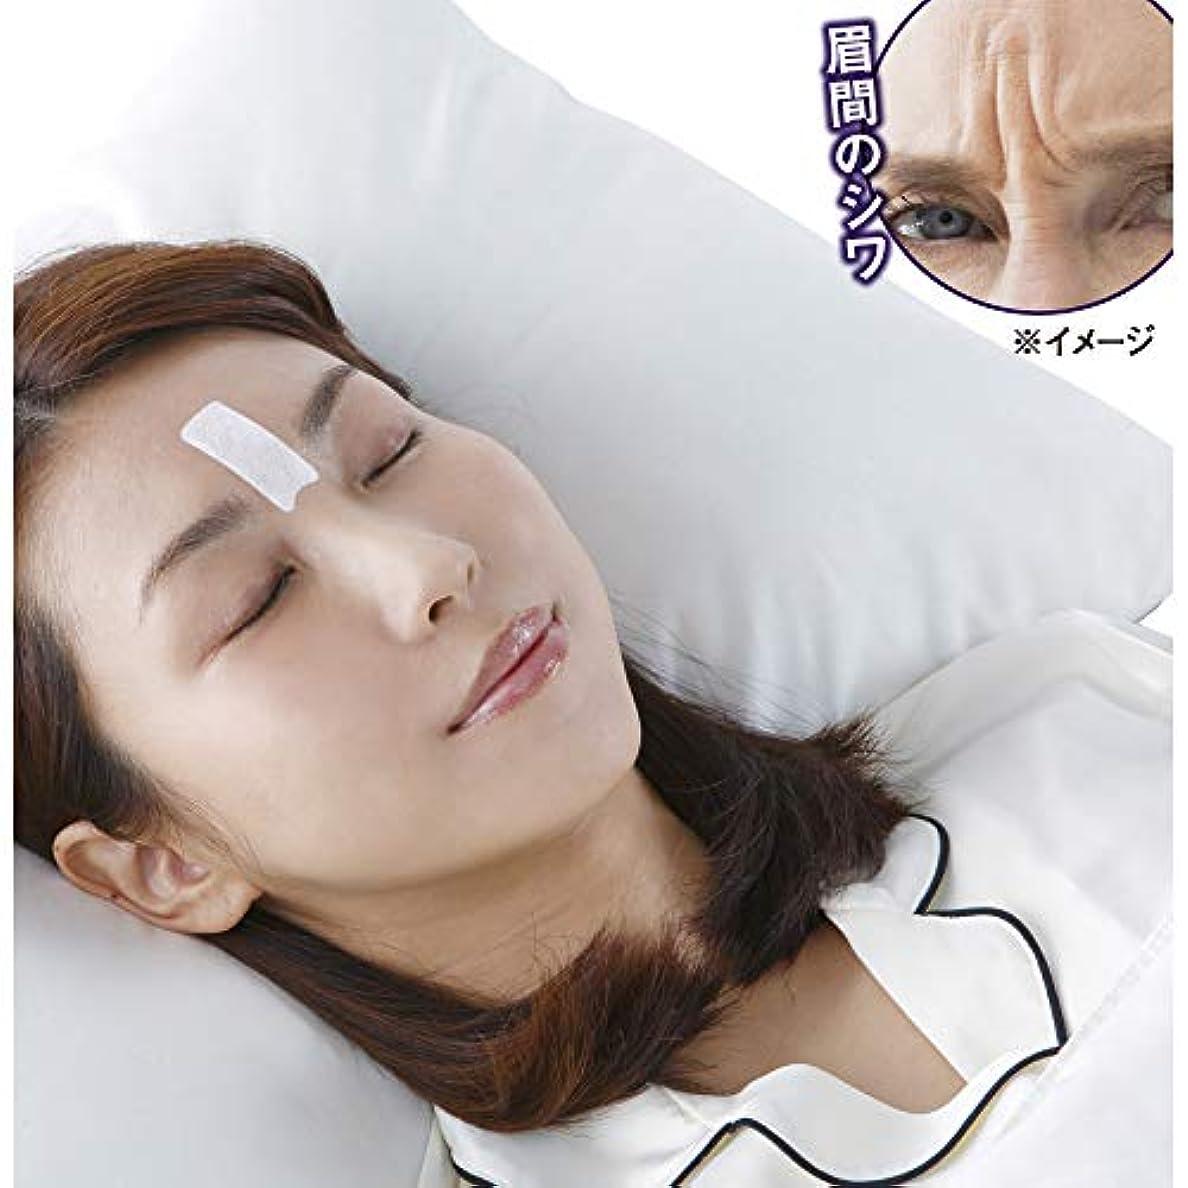 王子経度者美女メイクナイトパッチ 眉間用 (48パッチ) M62907